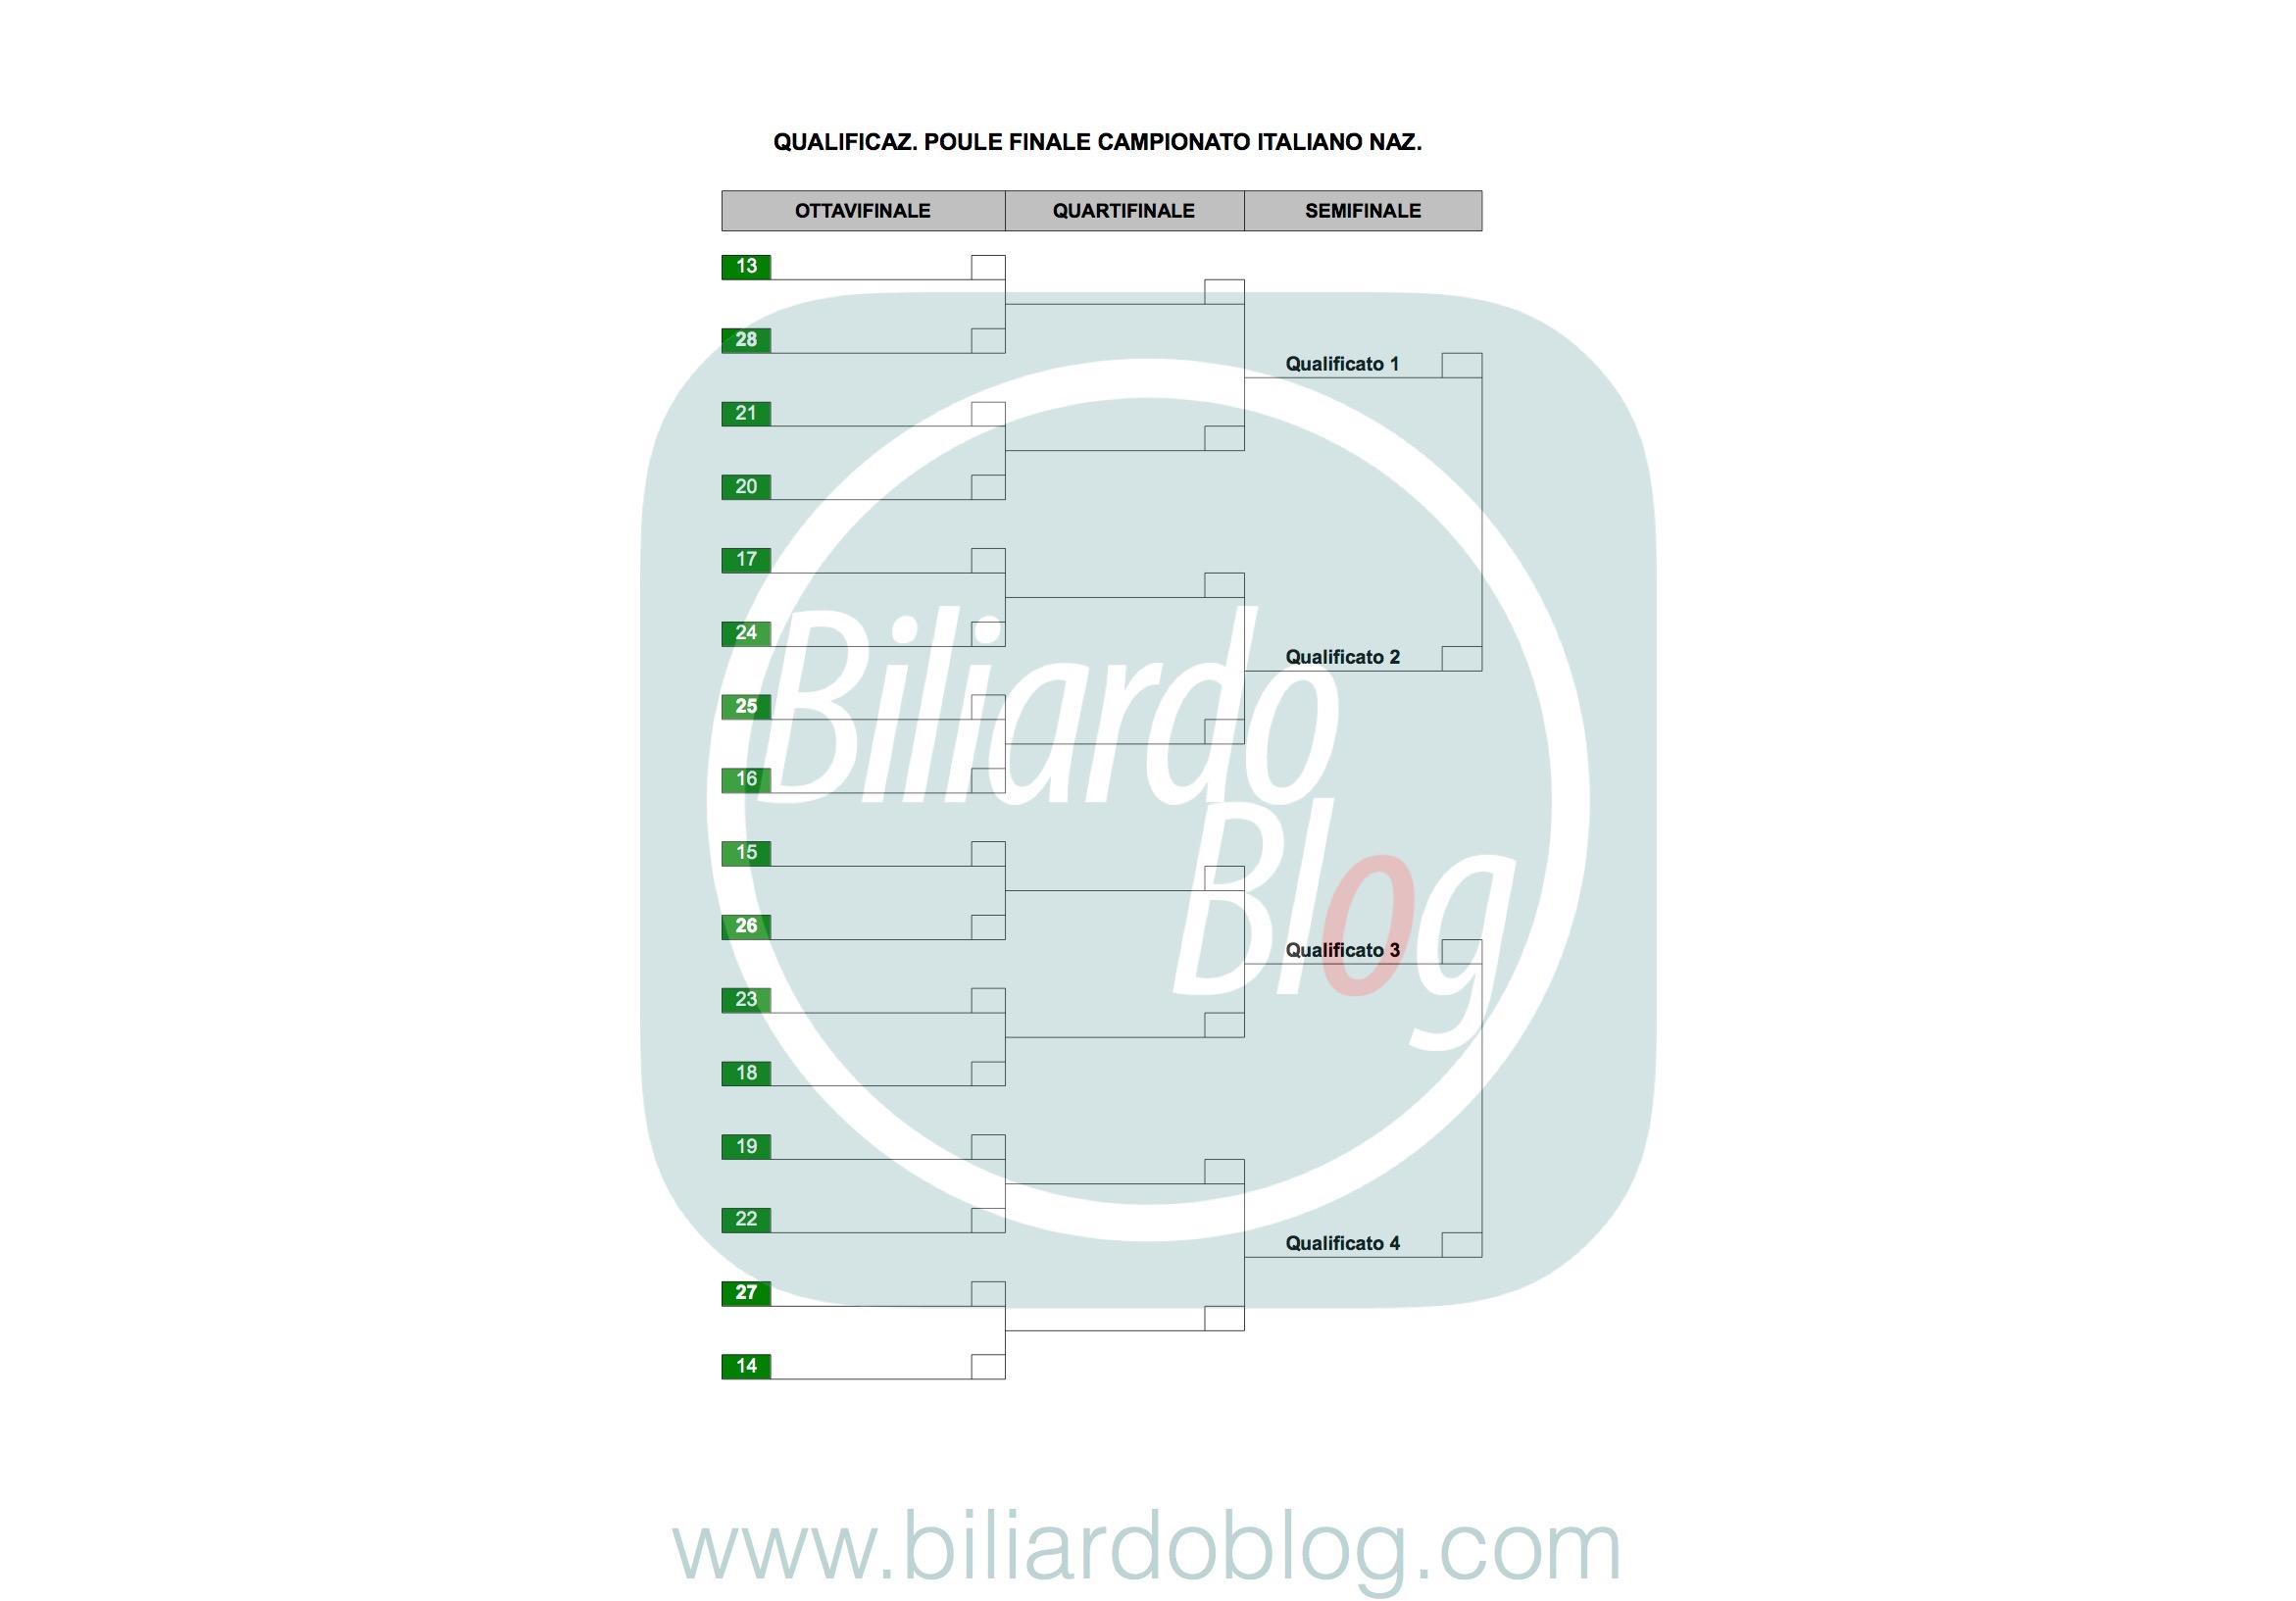 Campionato BTP di Biliardo 2017 2018: qualificazione per poule Finale Nazionali